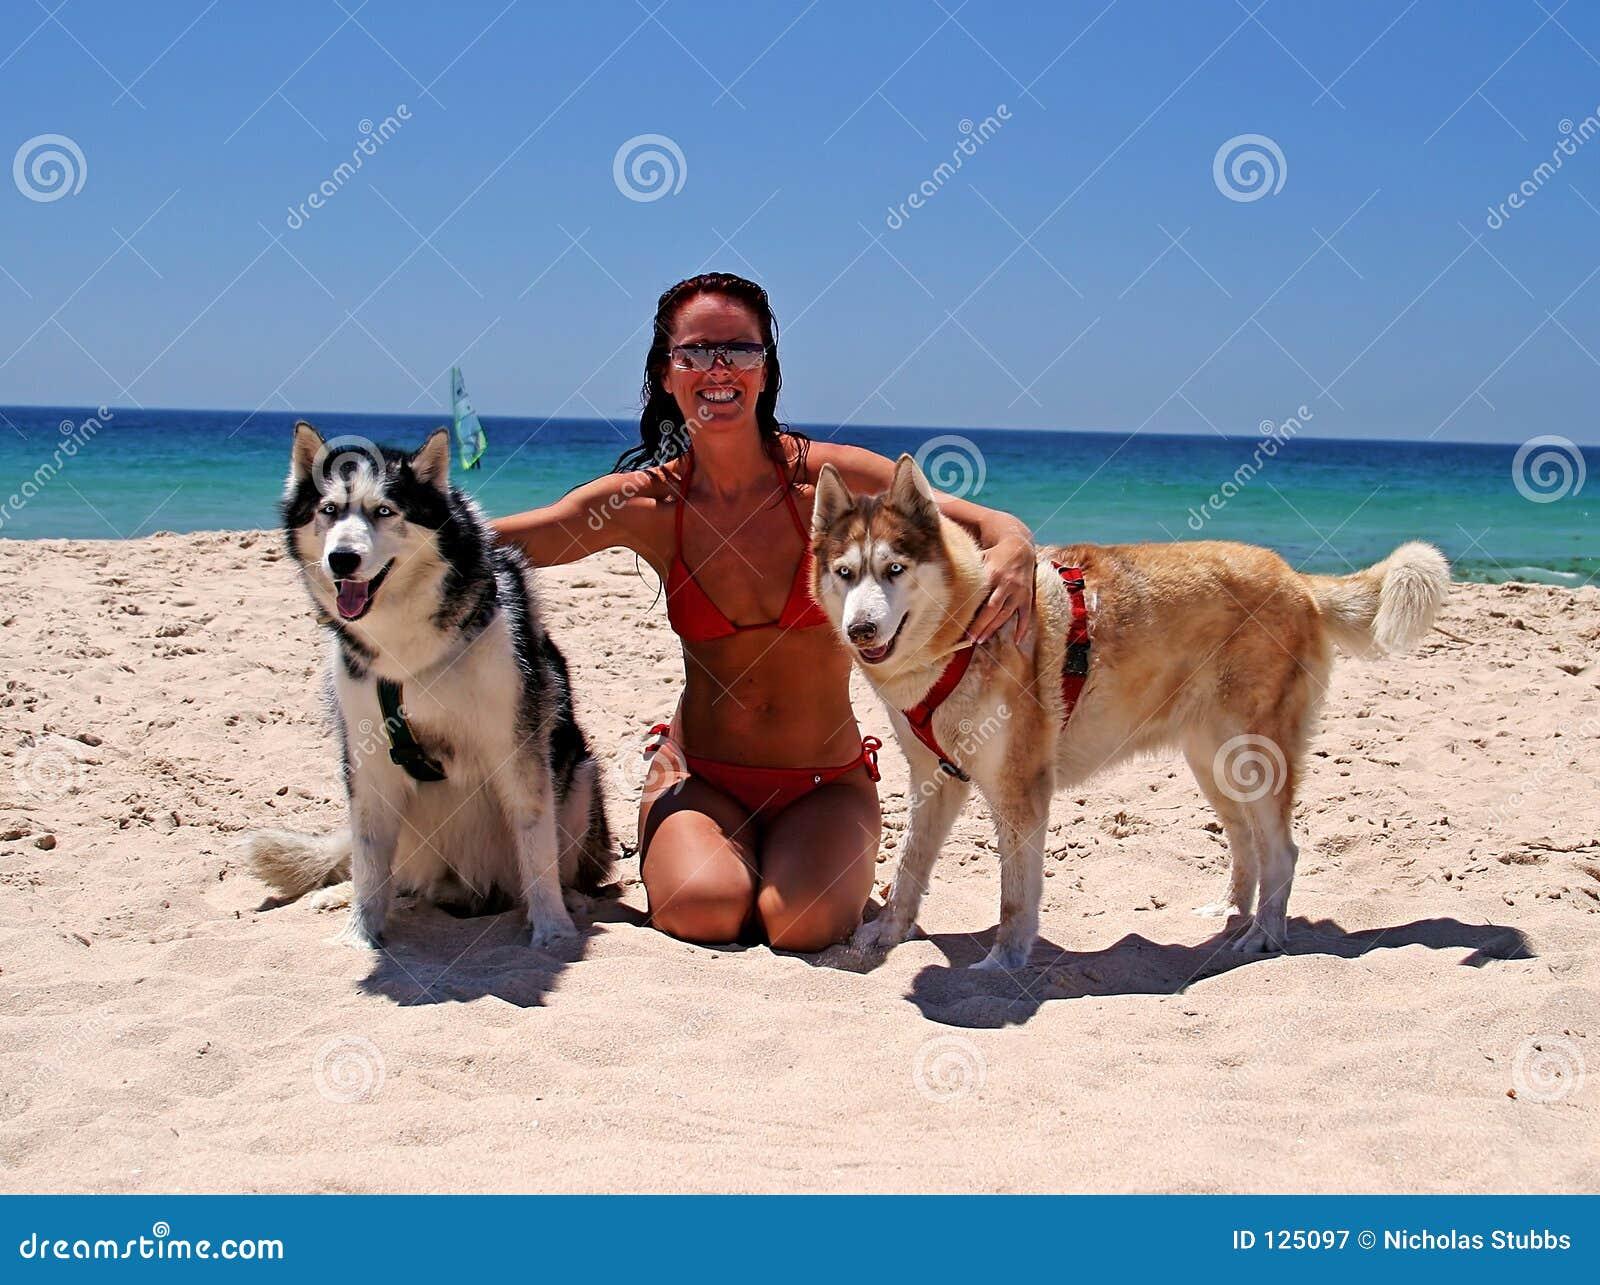 Signora attraente sulla spiaggia piena di sole con la sabbia ed i cieli blu bianchi, con due bei cani eyed blu